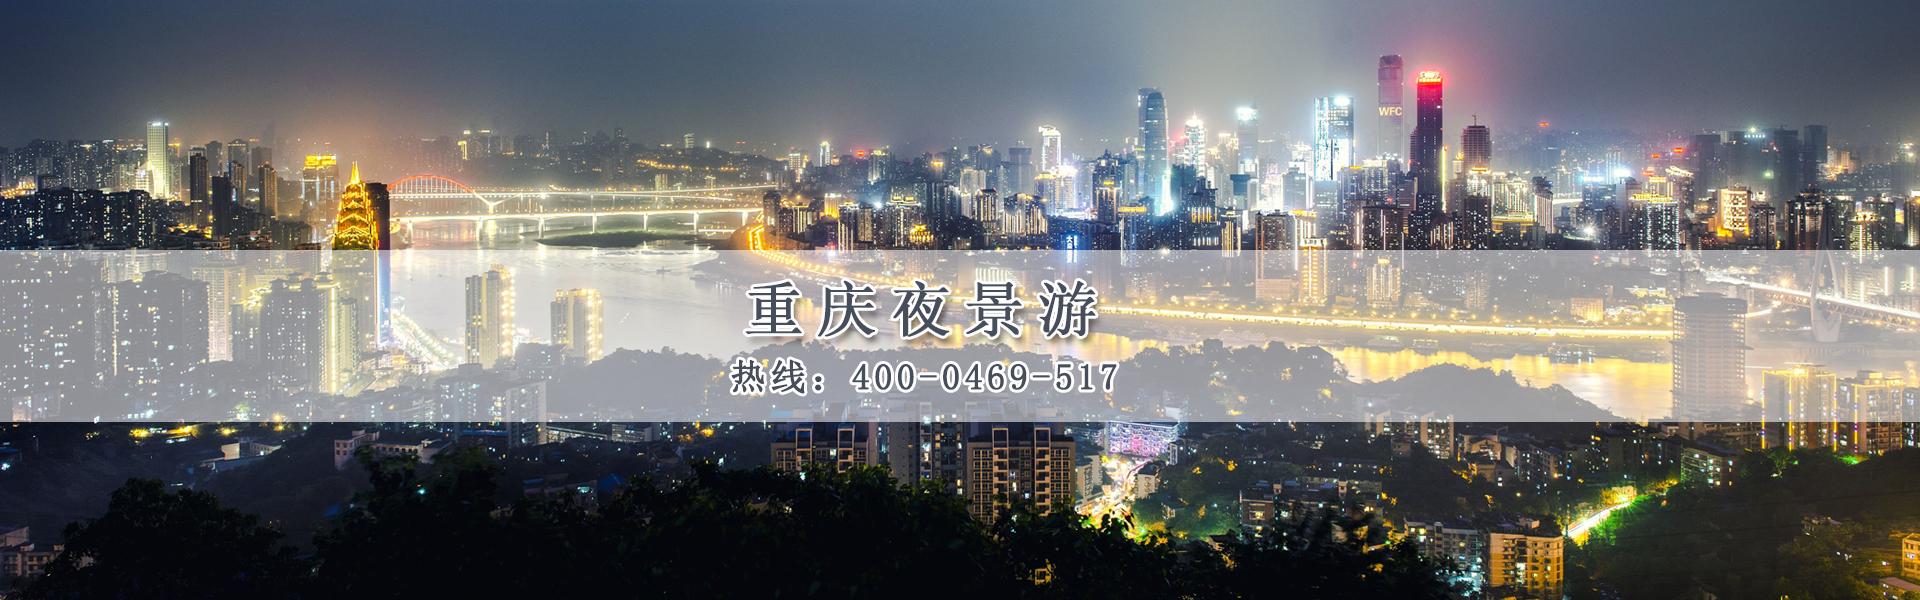 重庆二日游热线:400-0469-517